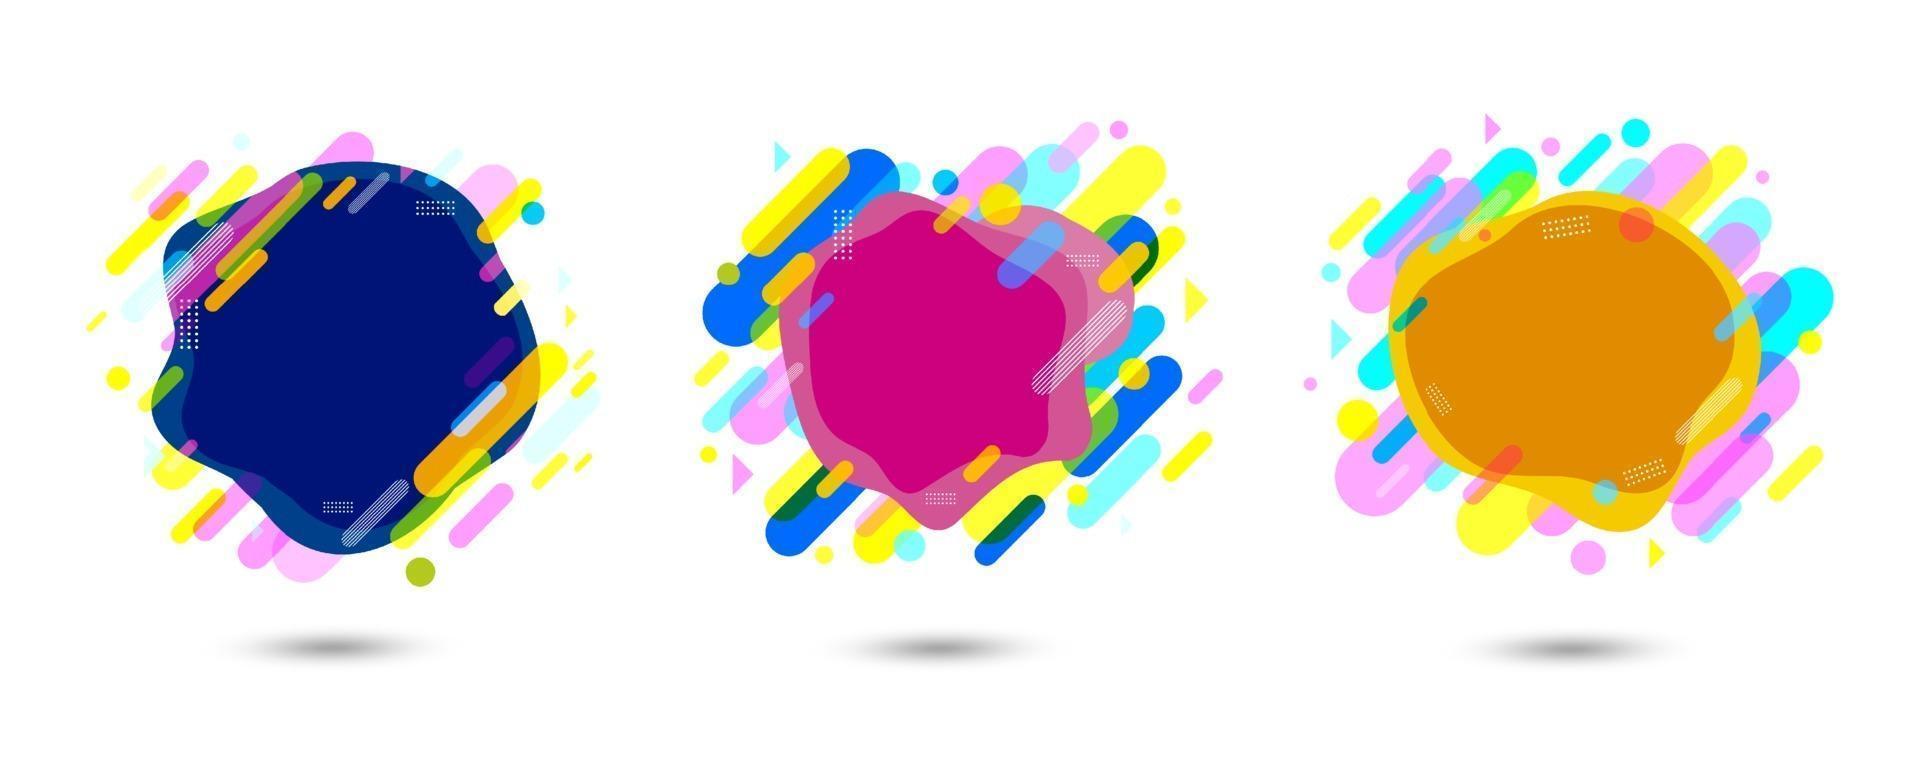 abstrakter bunter Fahnenentwurf auf weißer Hintergrundvektorillustration vektor